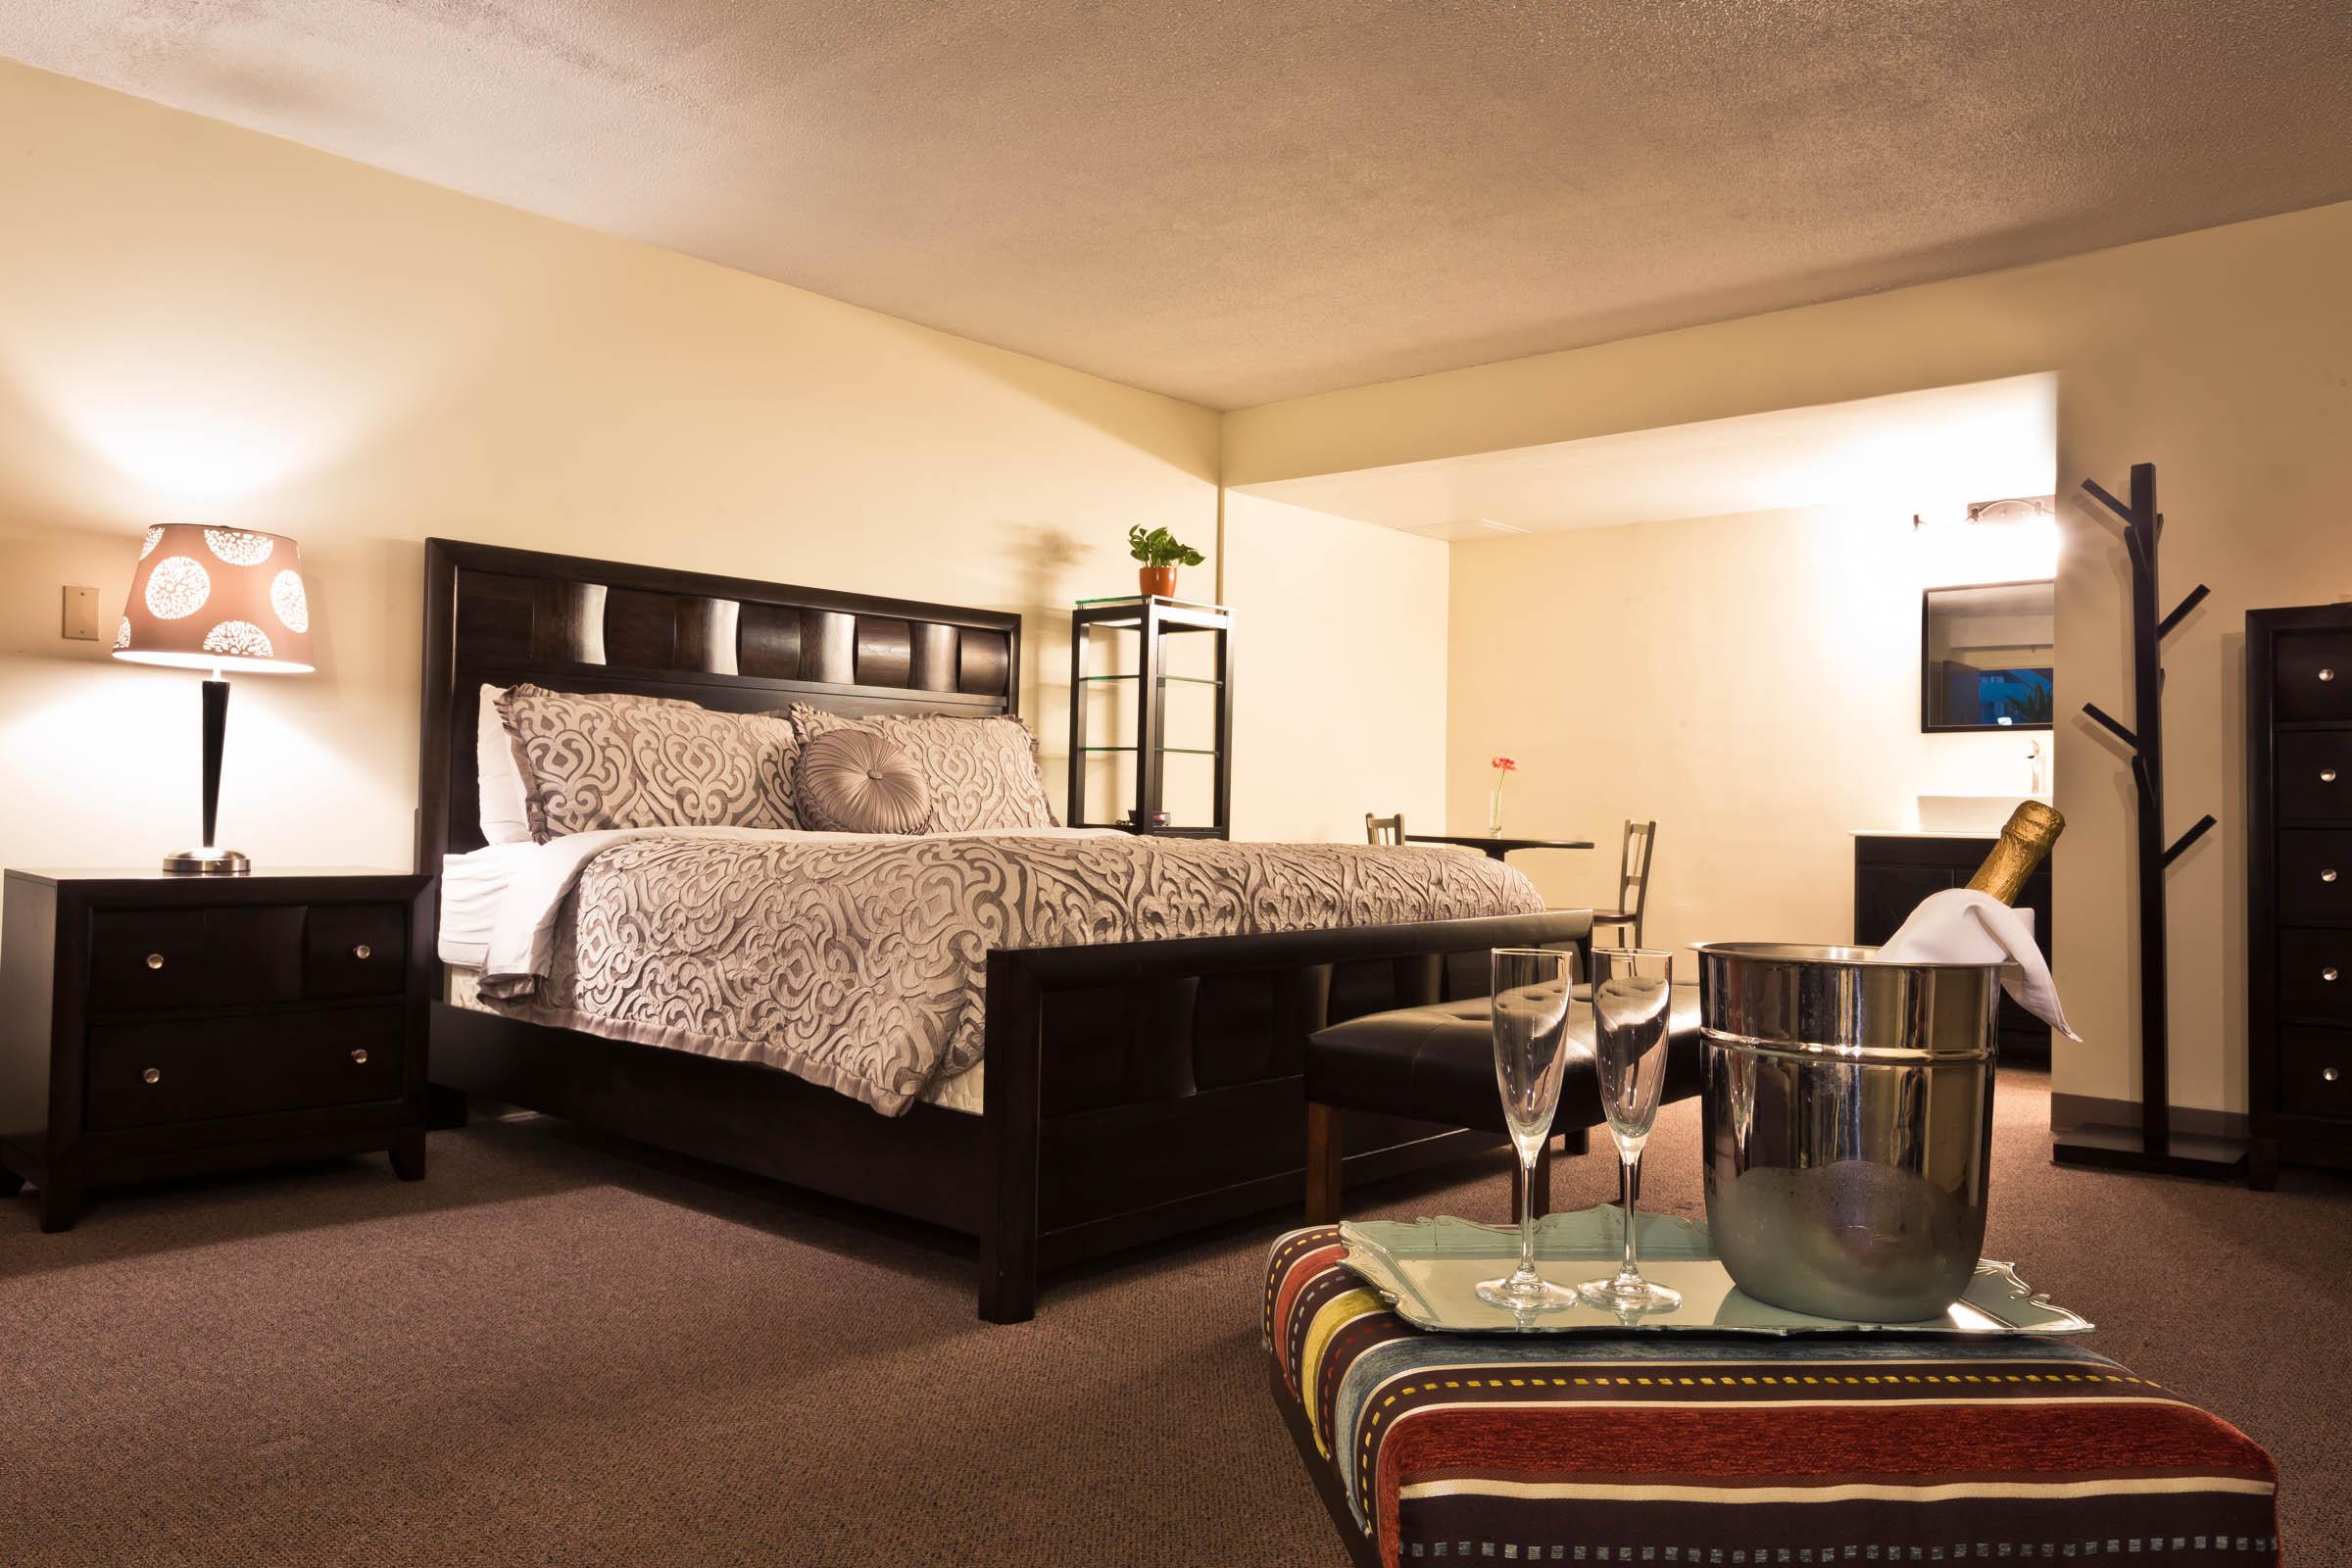 garden hotel south beloit guest rooms 016.jpg